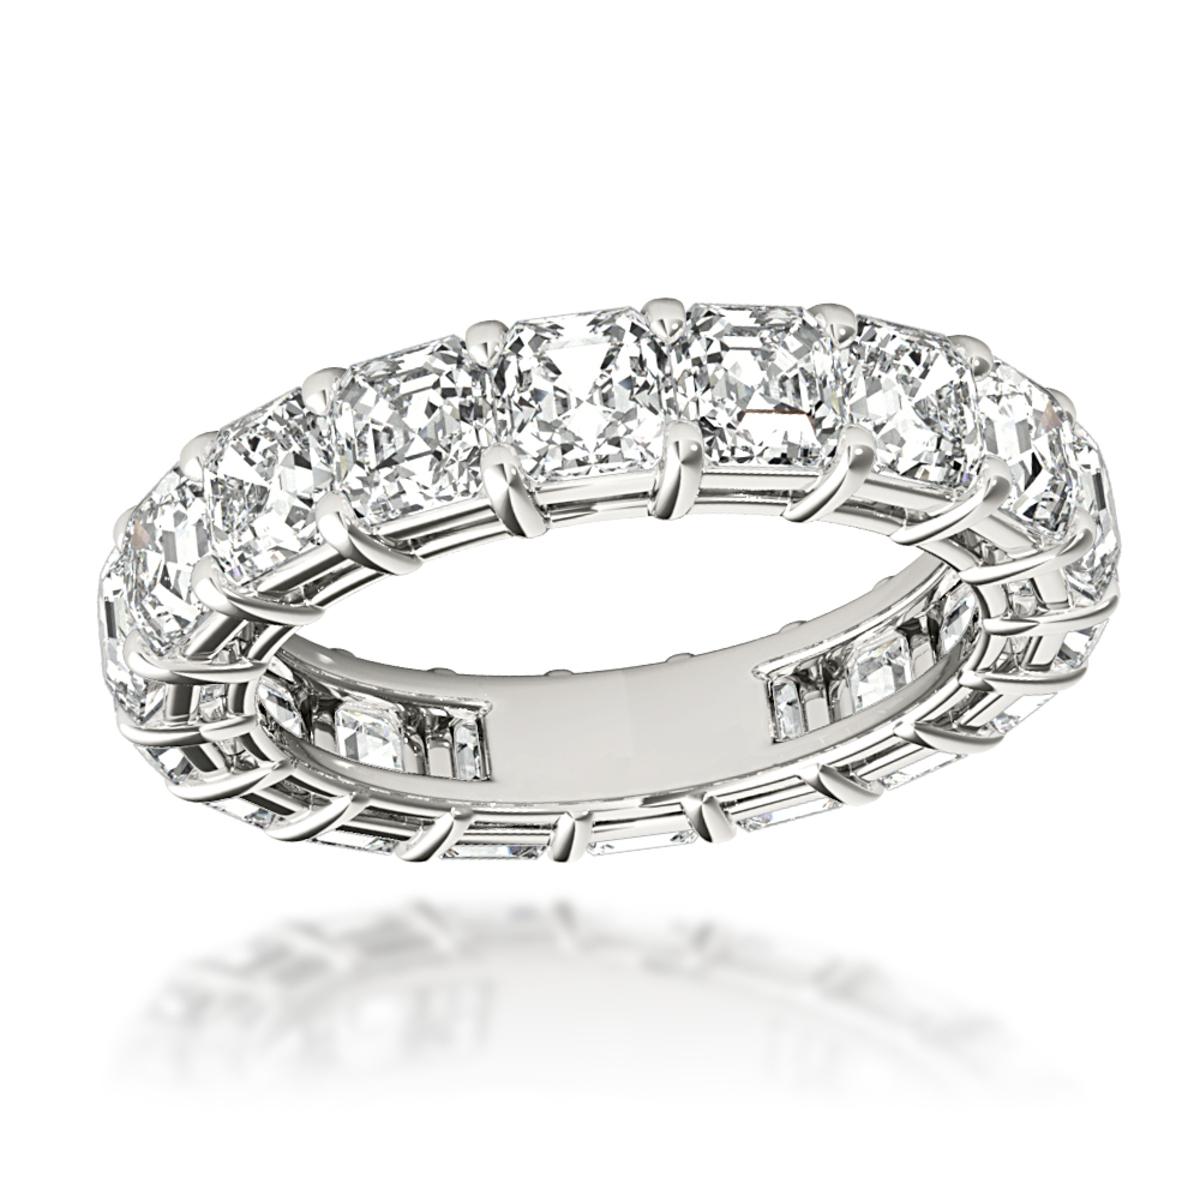 Platinum Asscher Cut Diamond Eternity Ring Anniversary Band for Women 6ct